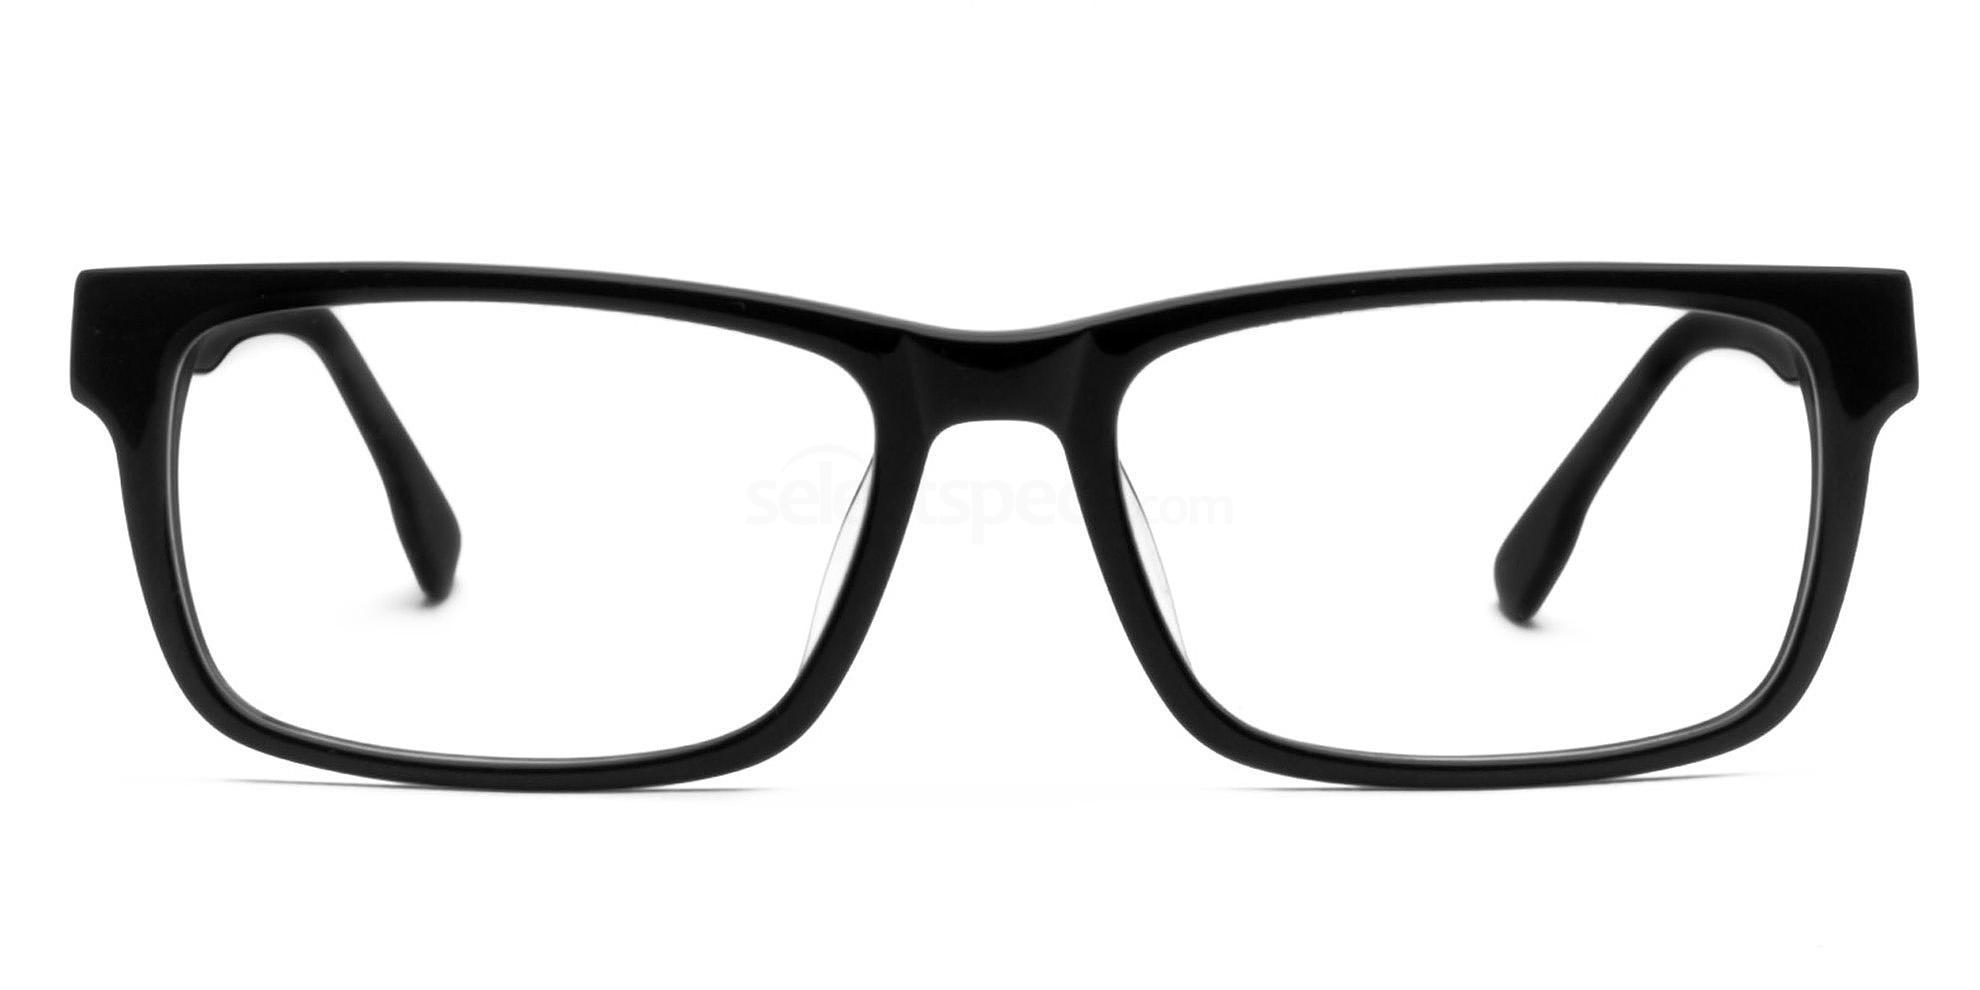 C07 HY81057 Glasses, SelectSpecs